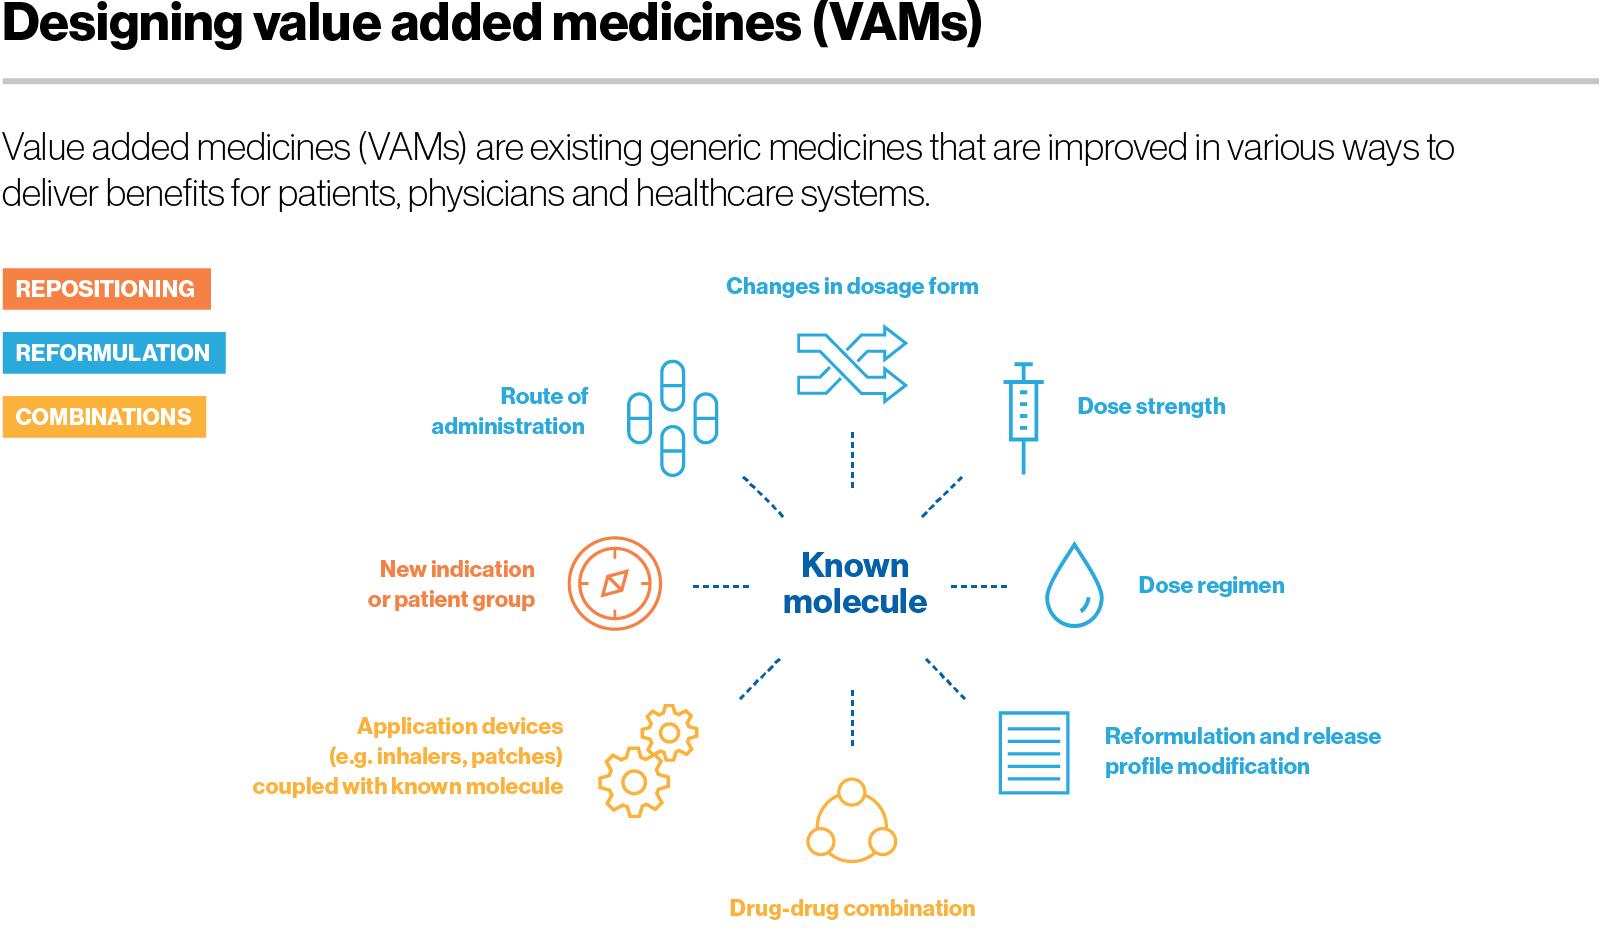 Designing value added medicines (VAMs)